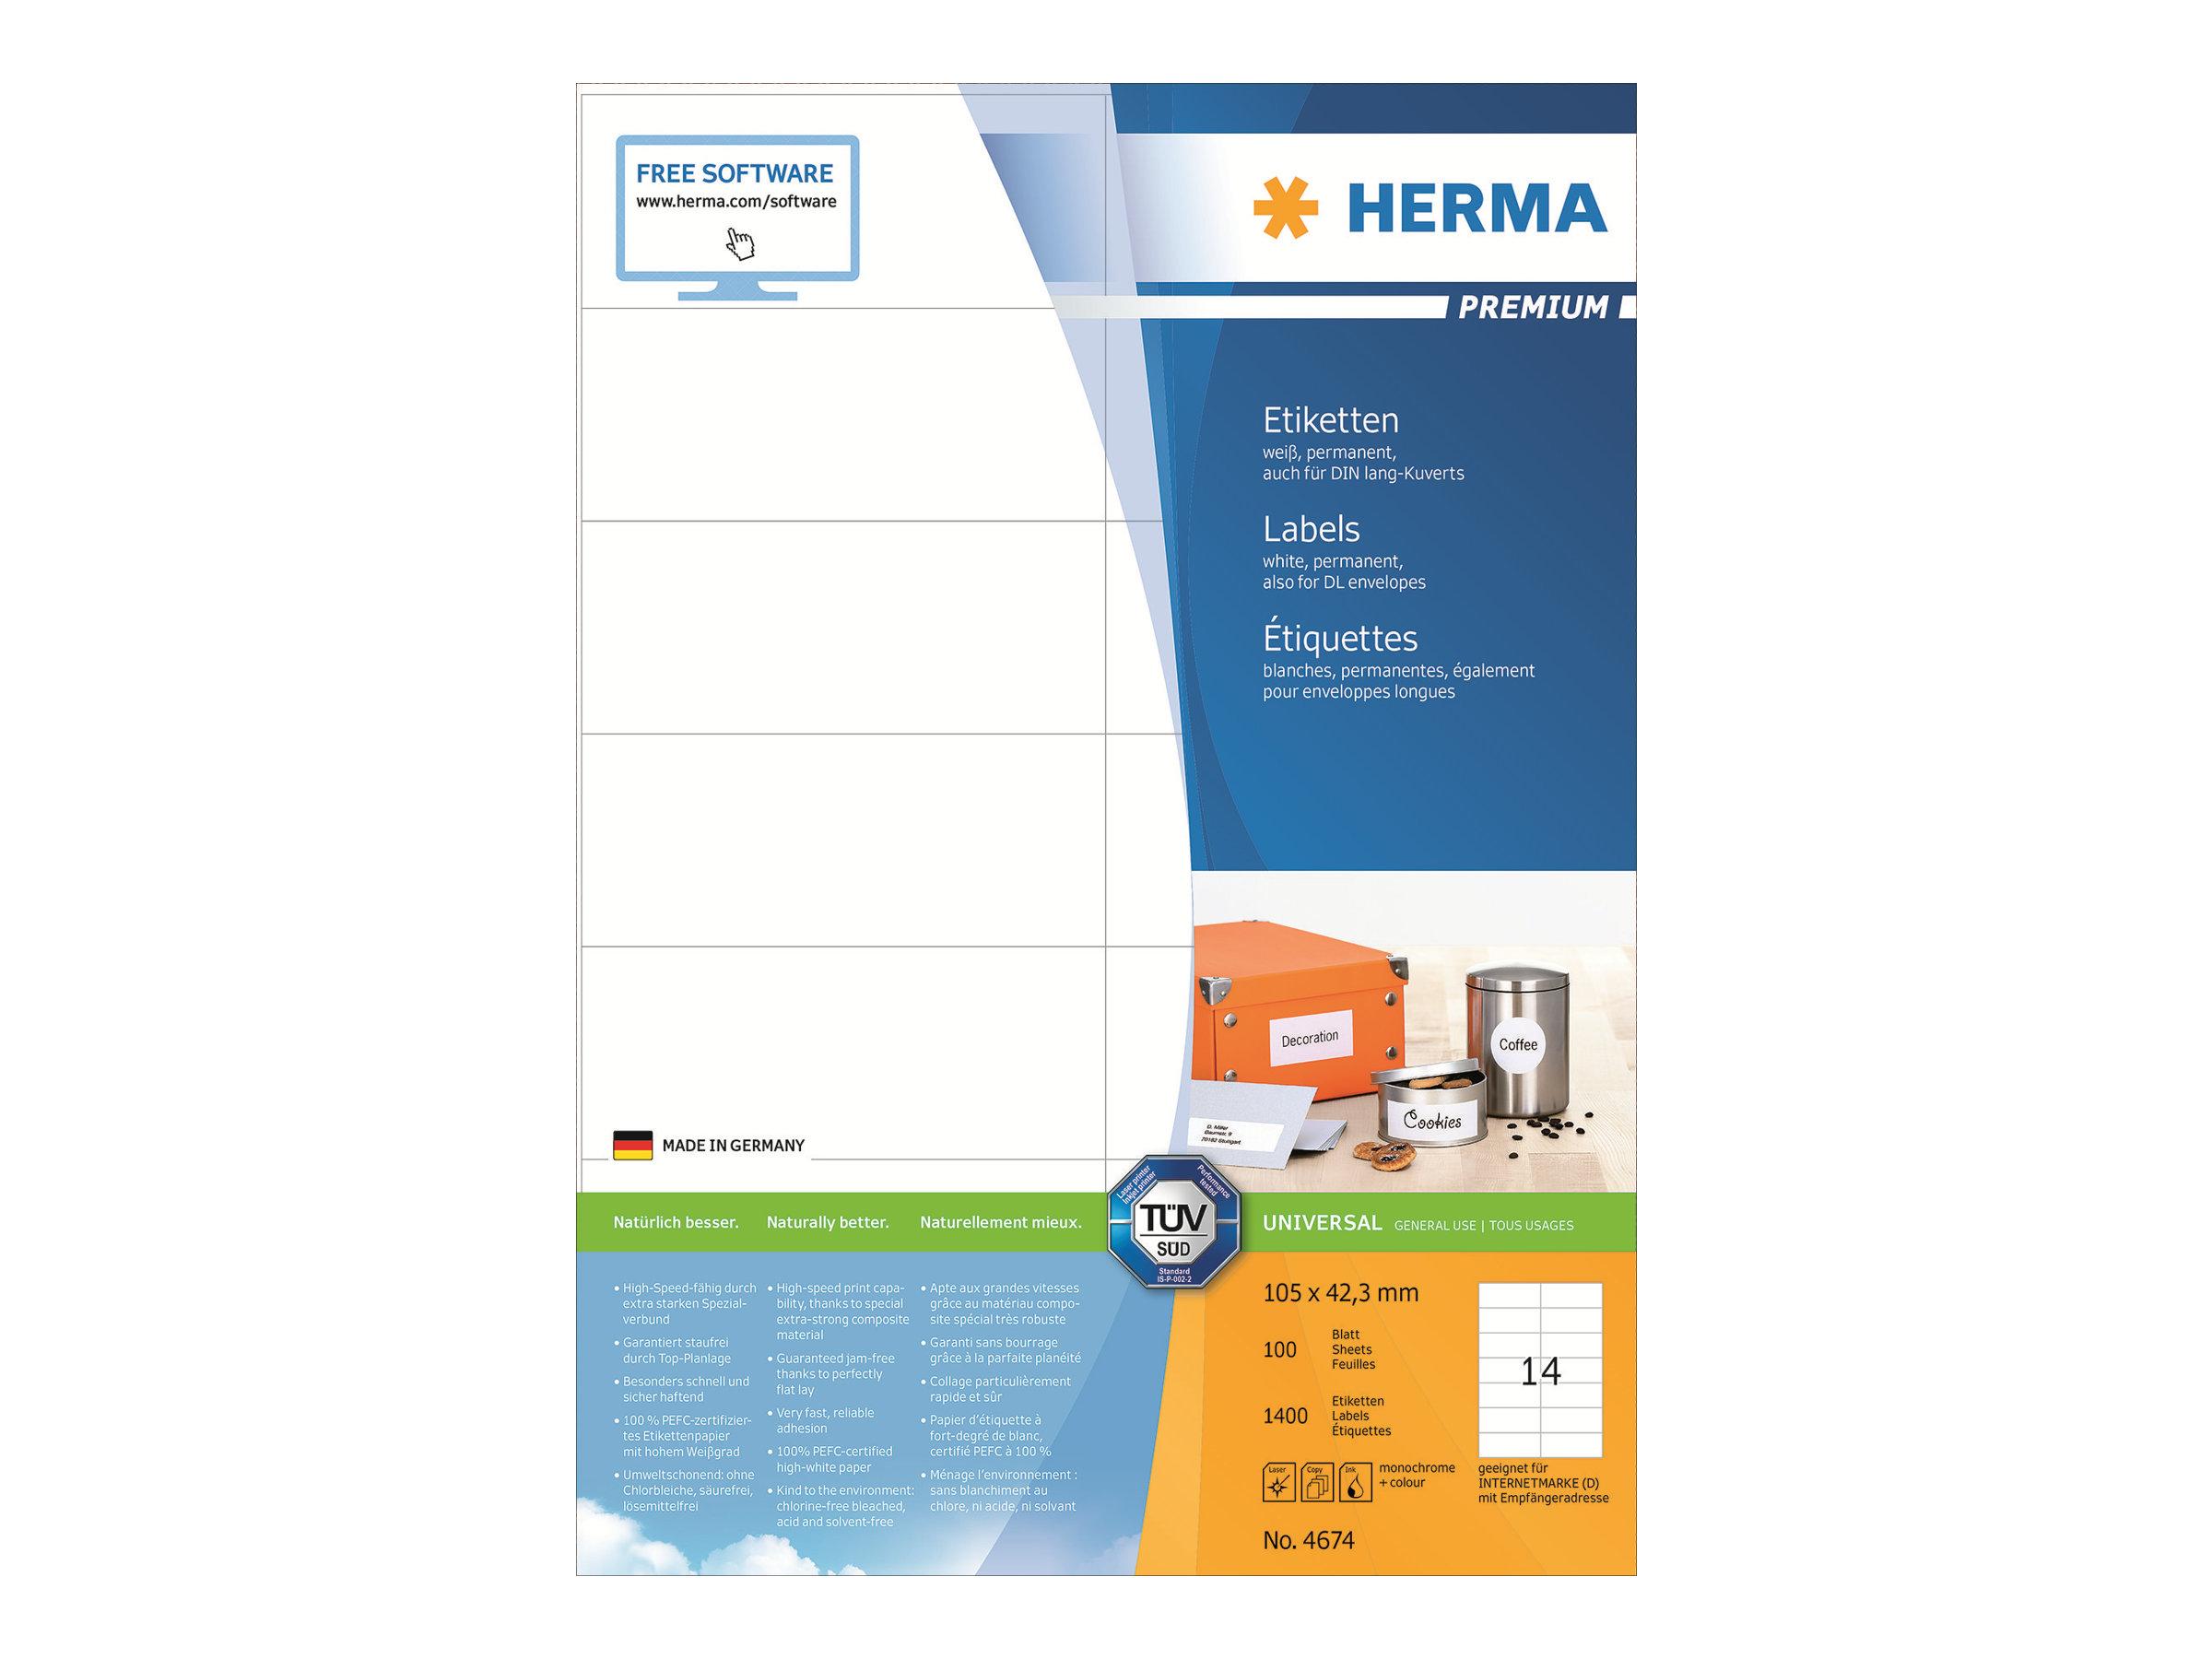 HERMA Premium - Papier - matt - permanent selbstklebend - weiß - 105 x 42.3 mm 1400 Etikett(en) (100 Bogen x 14)